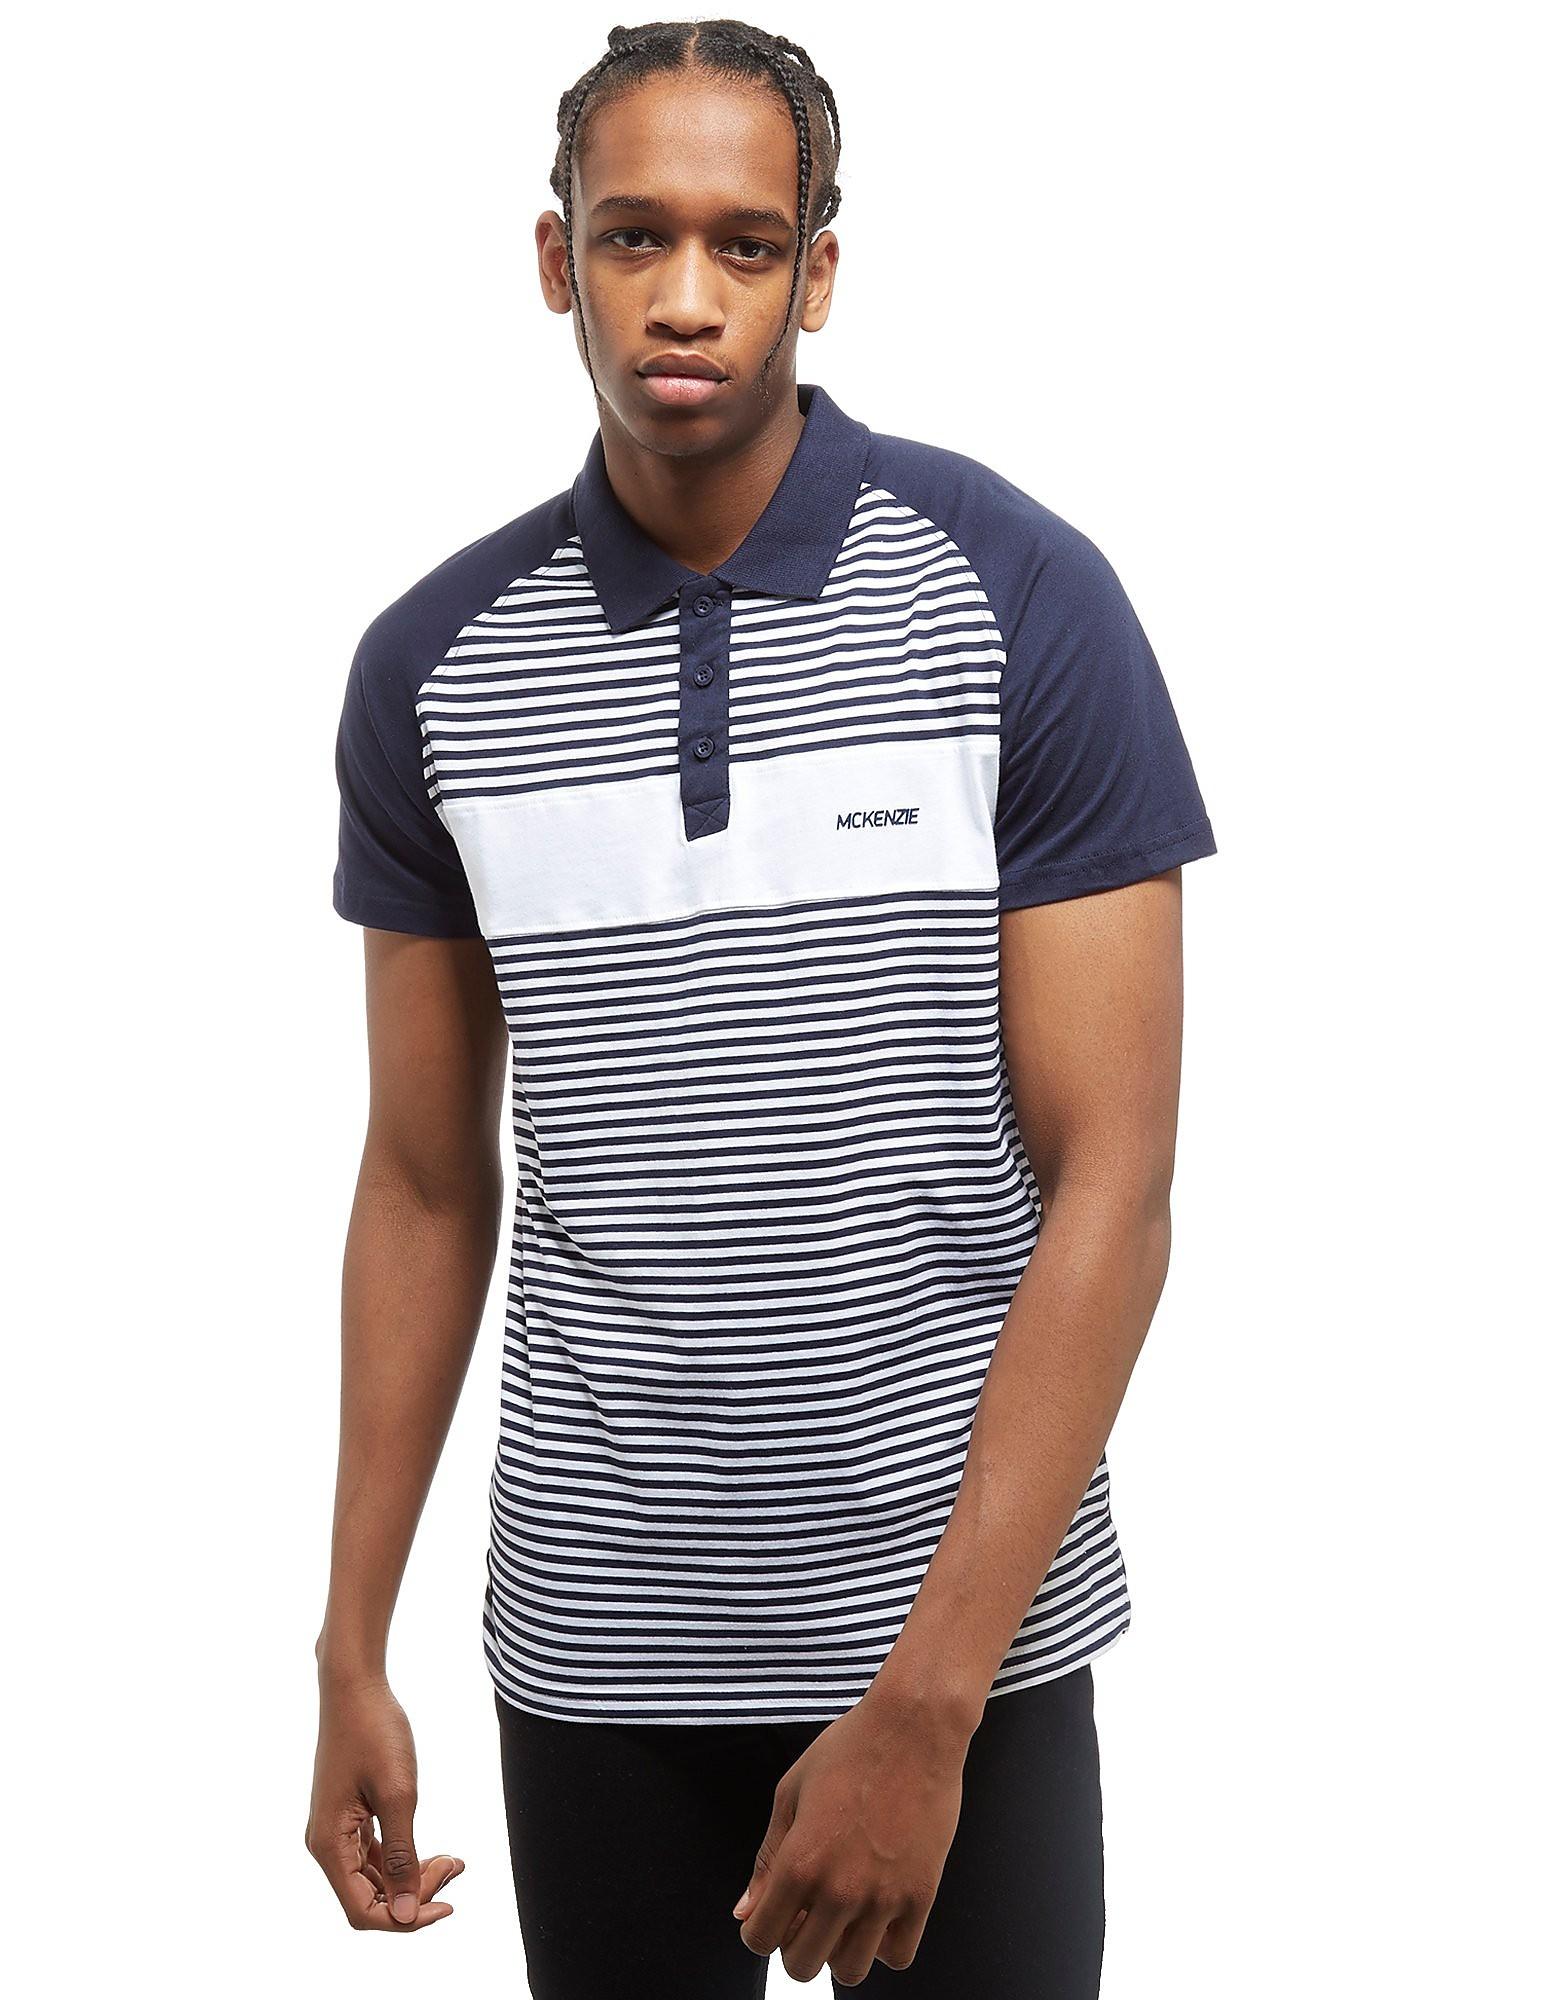 McKenzie Cobra Polo Shirt